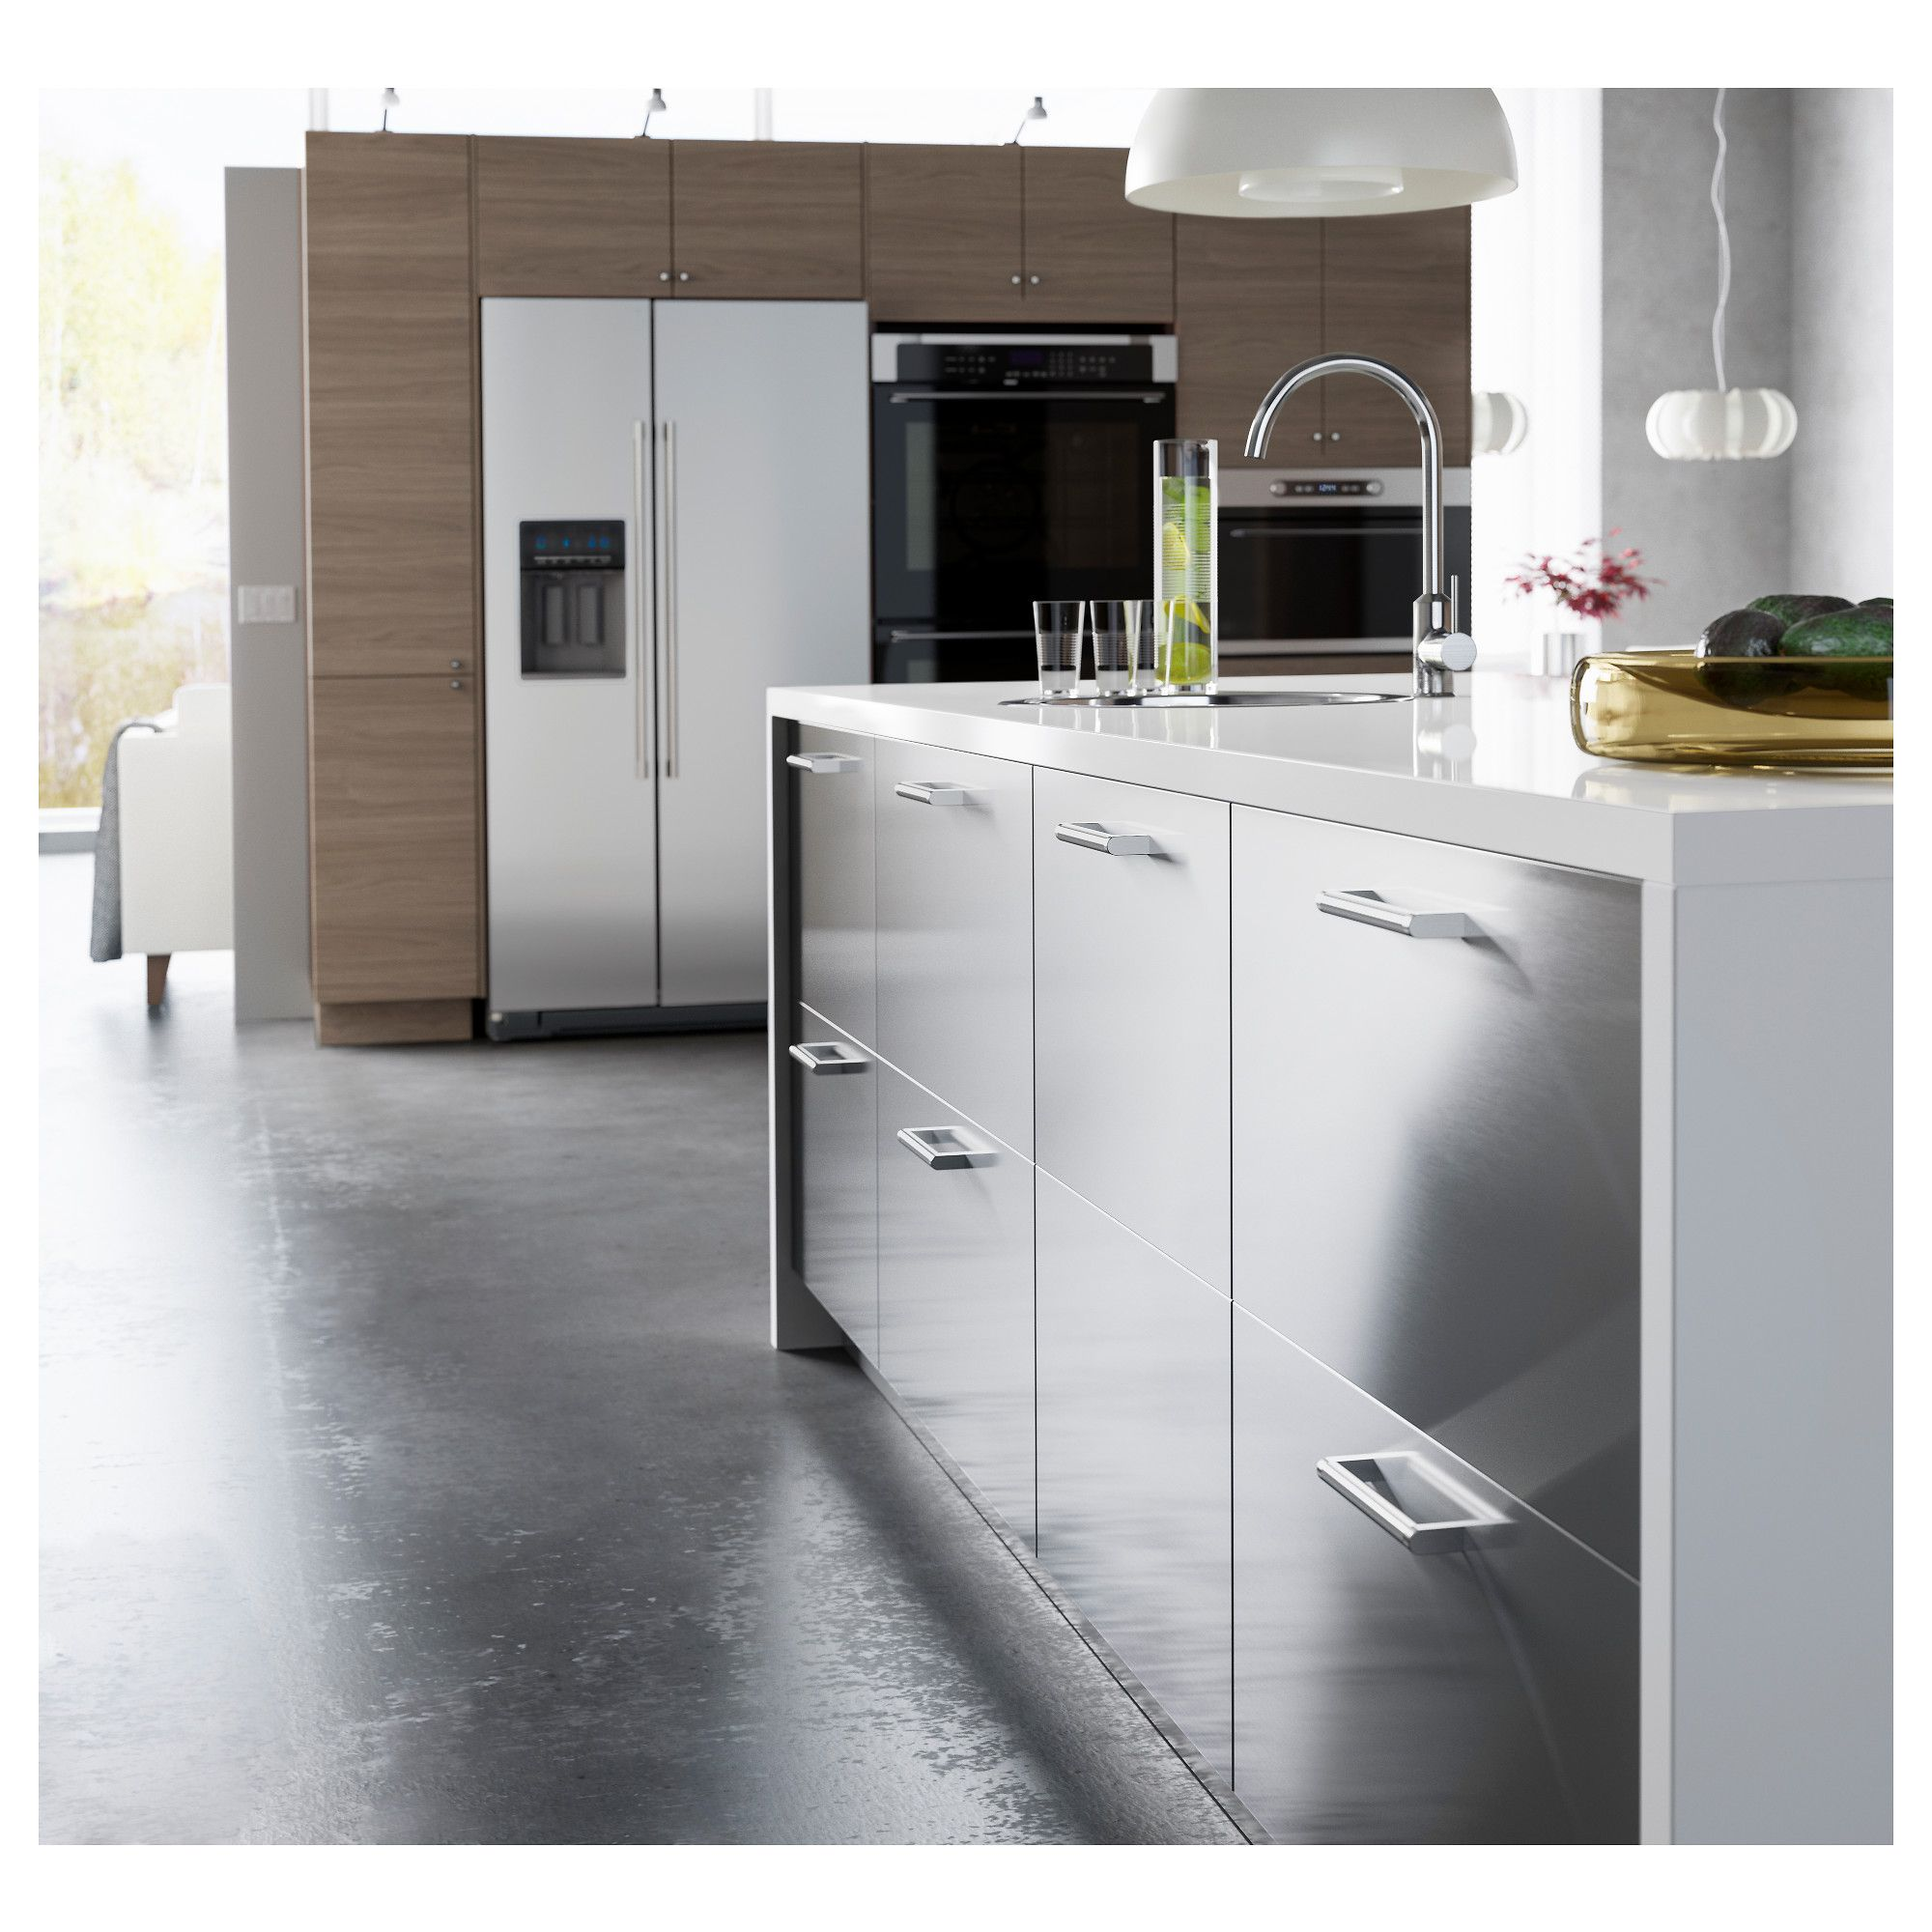 Grevsta Door Stainless Steel Ikea Replacing Kitchen Countertops Stainless Steel Kitchen Cabinets Ikea Kitchen